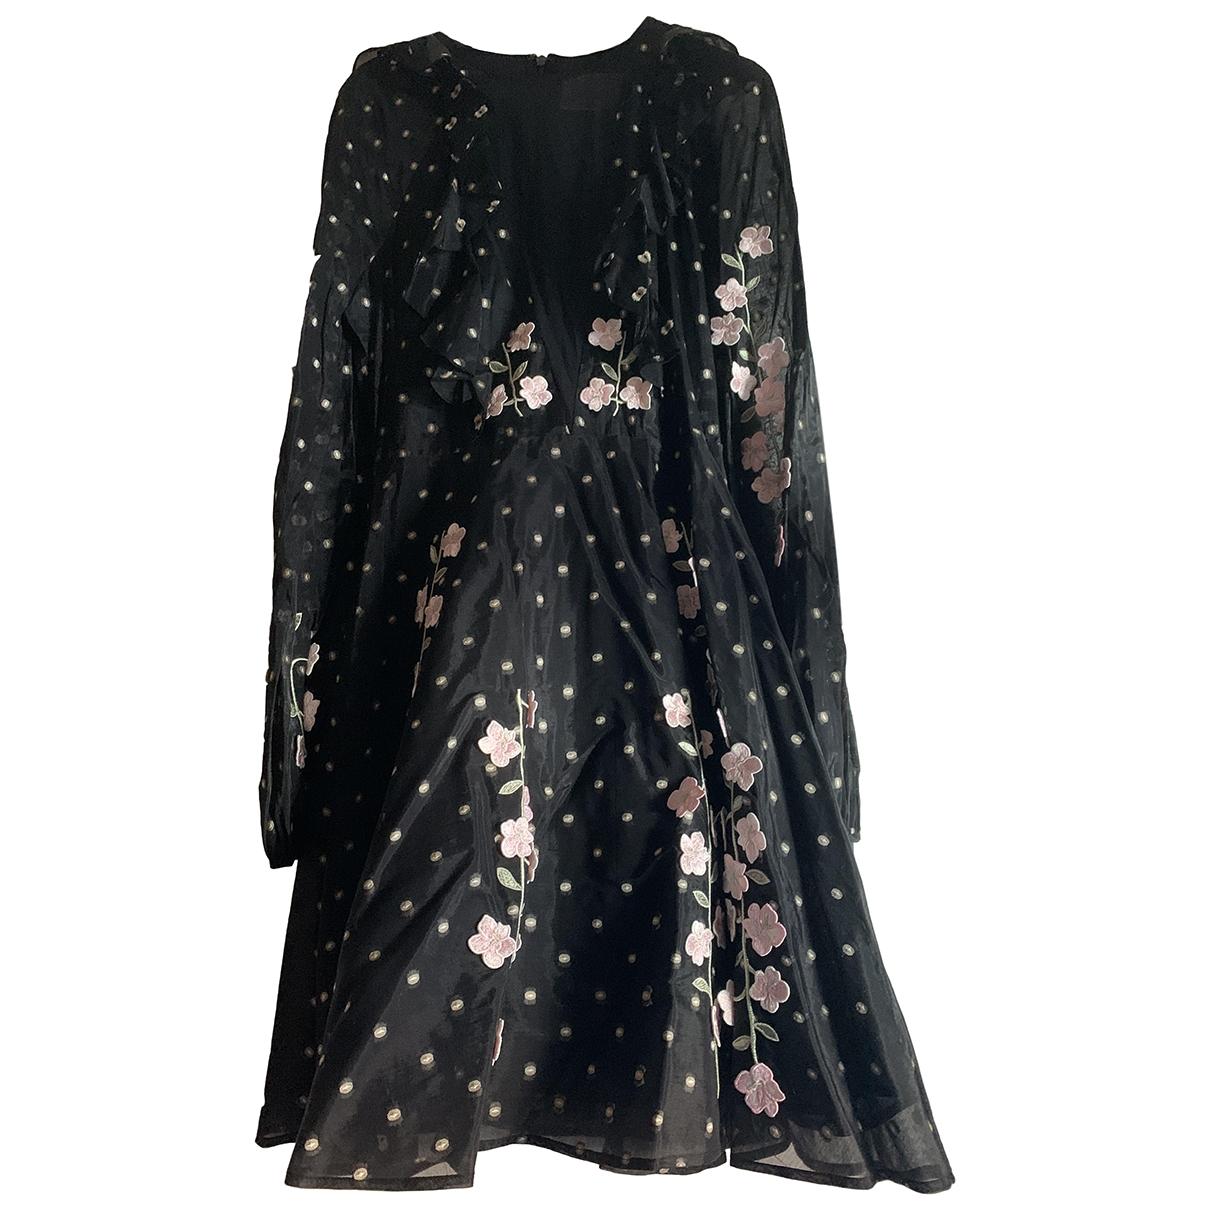 Giambattista Valli X H&m \N Black Cotton - elasthane dress for Women 34 FR